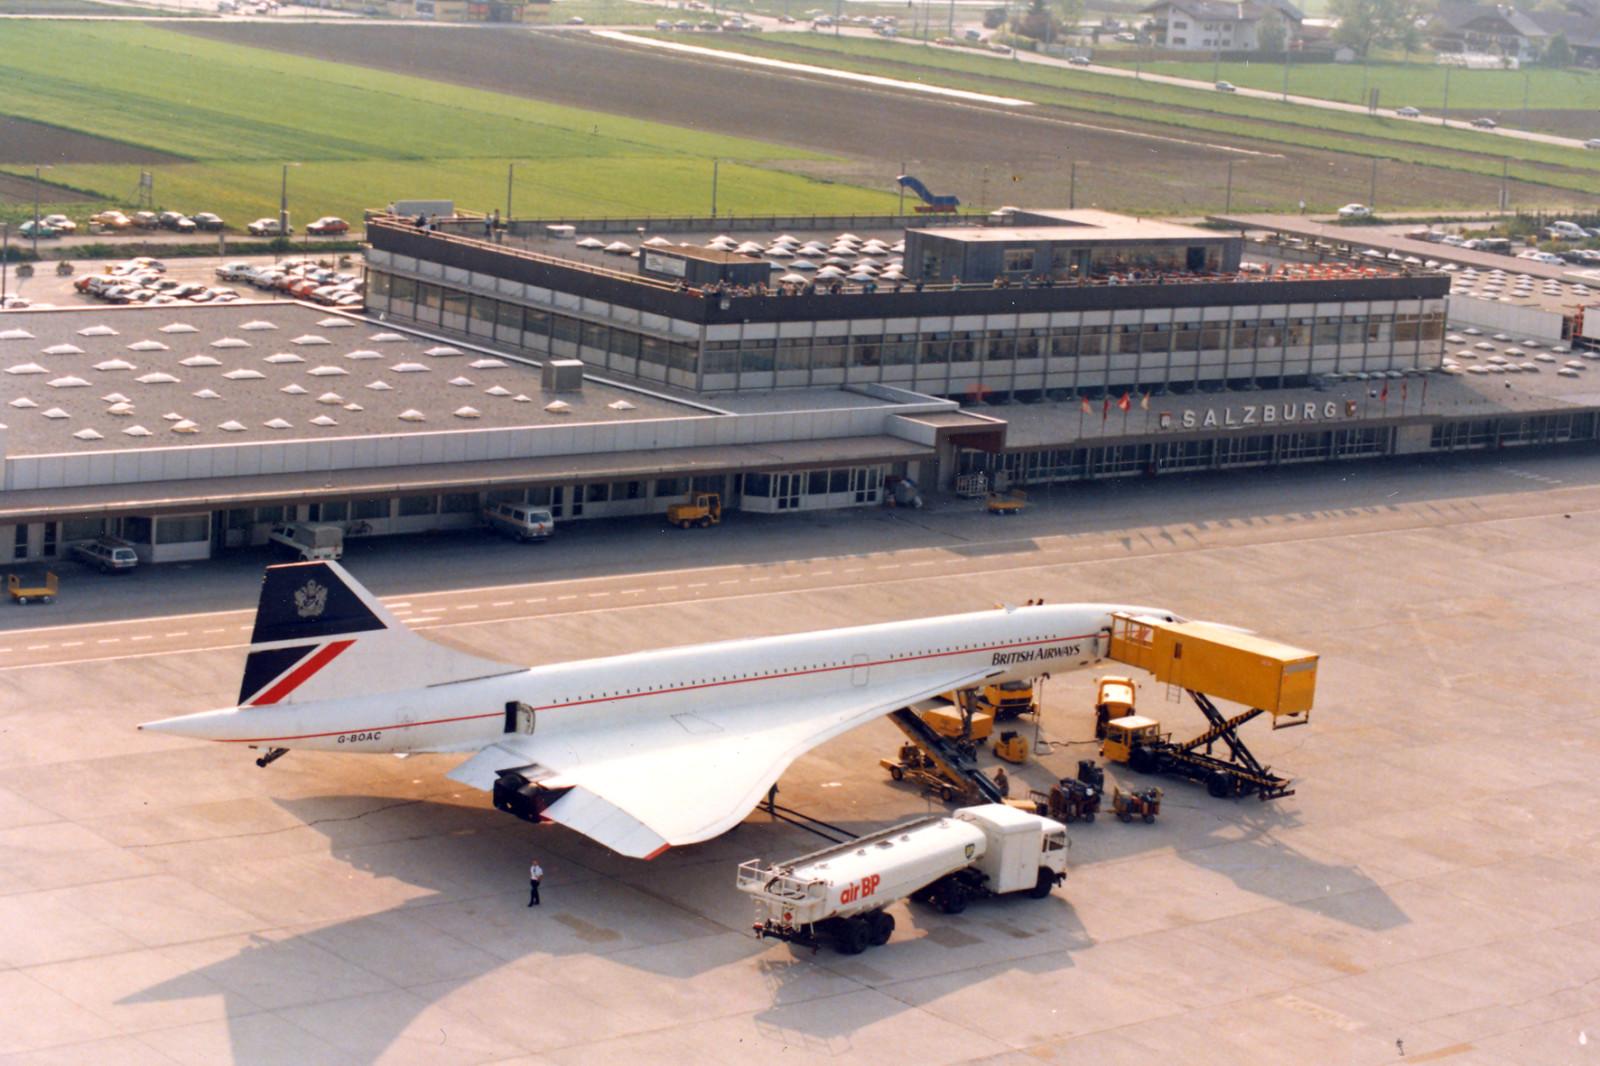 Auch die legendäre Concorde war zu Gast in Salzburg